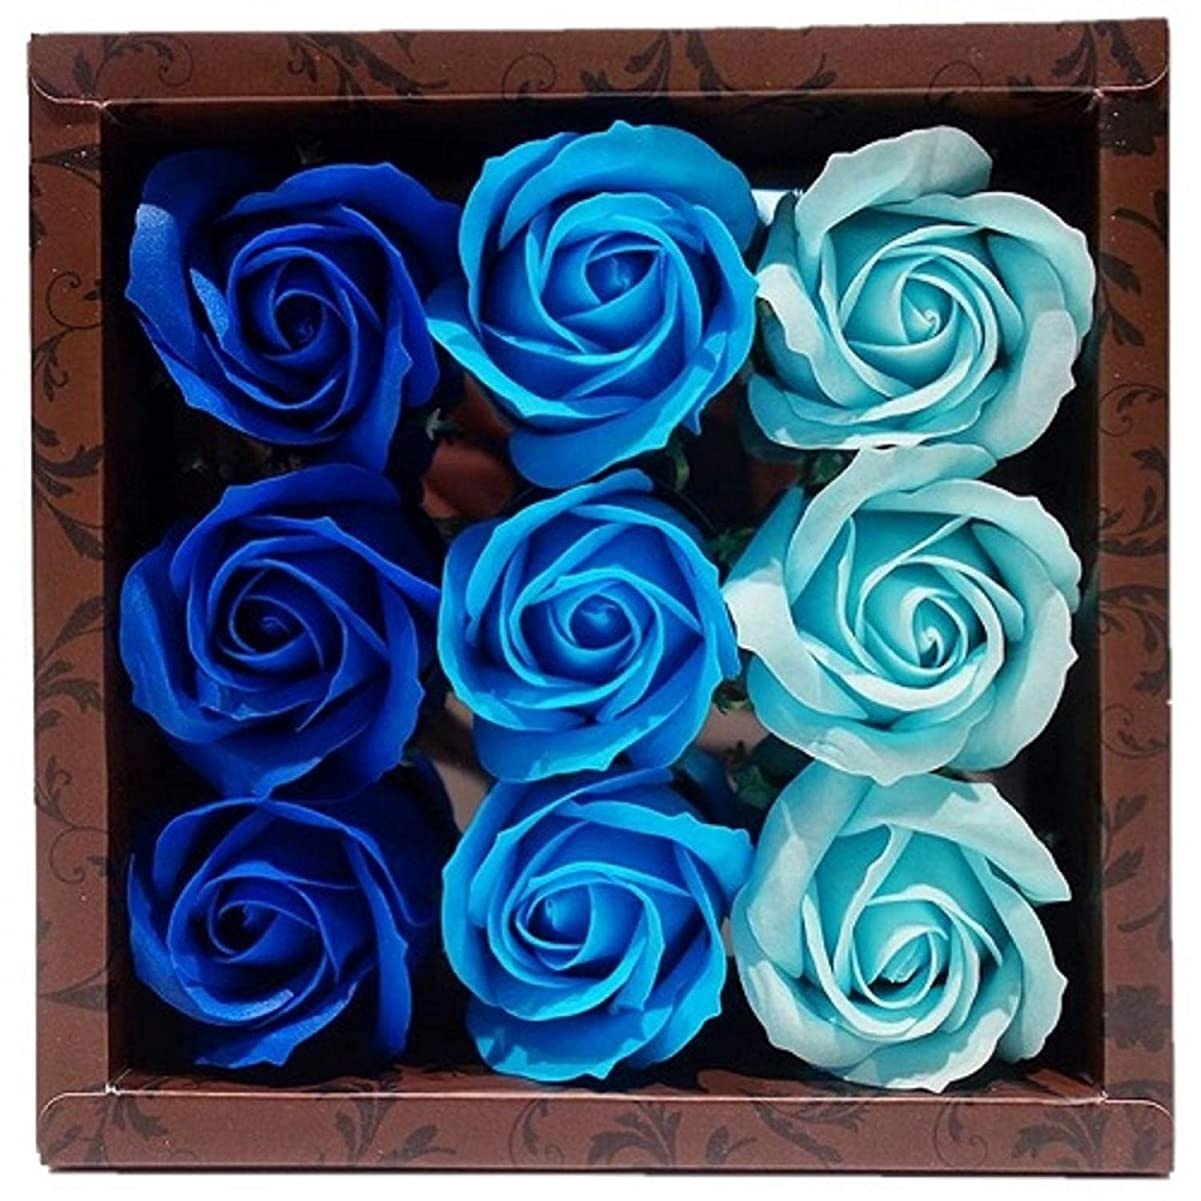 ようこそ精巧なラケットバスフレグランス バスフラワー ローズフレグランス ブルーカラー ギフト お花の形の入浴剤 ばら